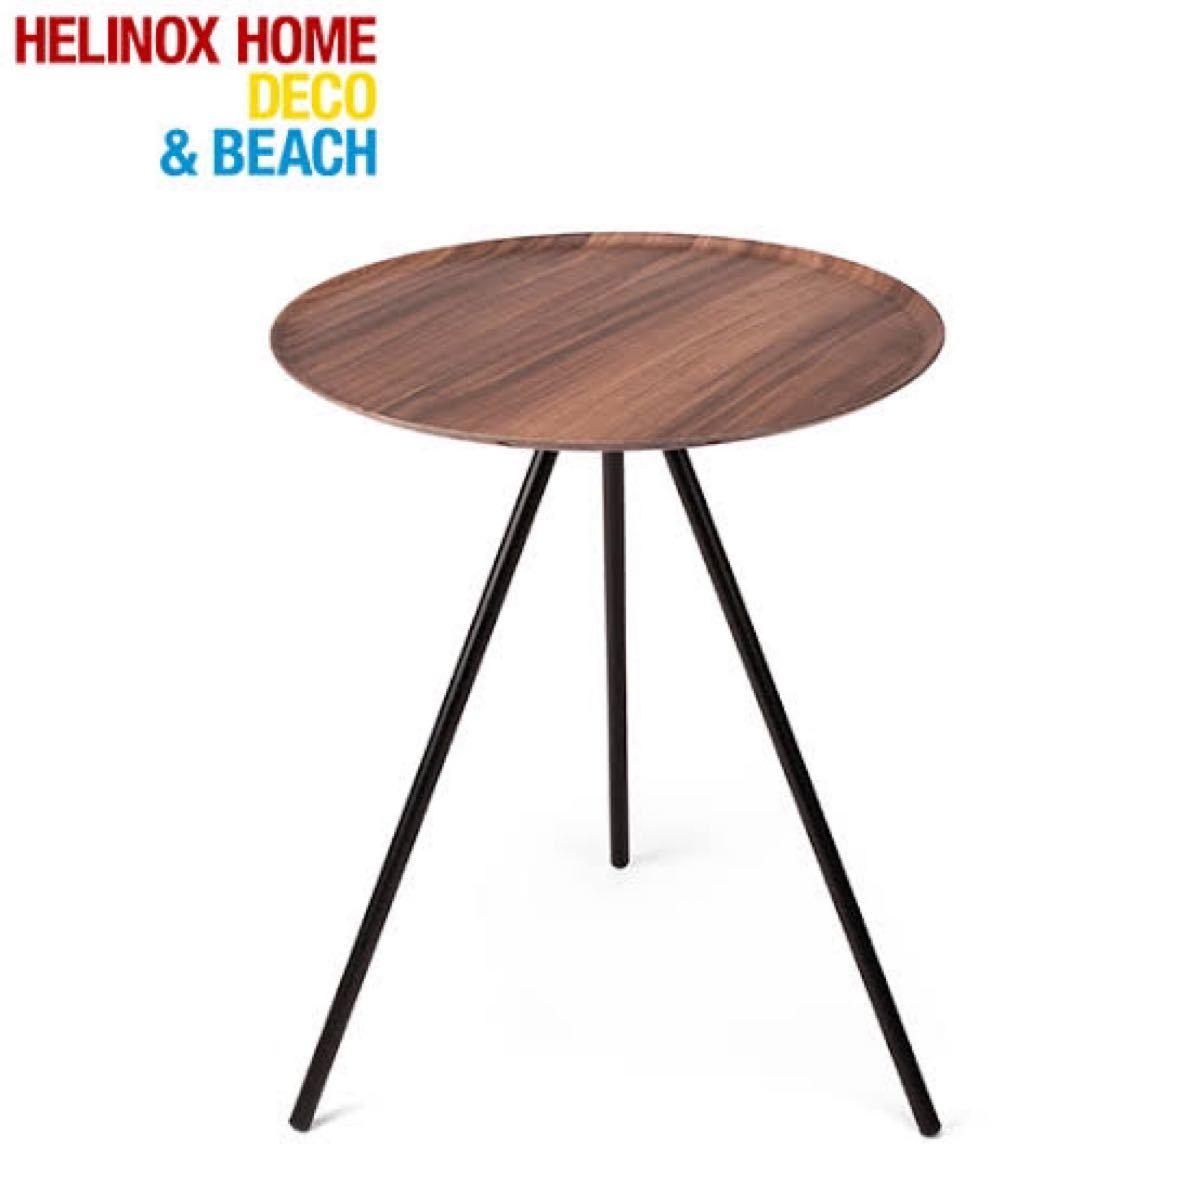 ヘリノックス テーブル テーブルオー Mサイズ Helinox